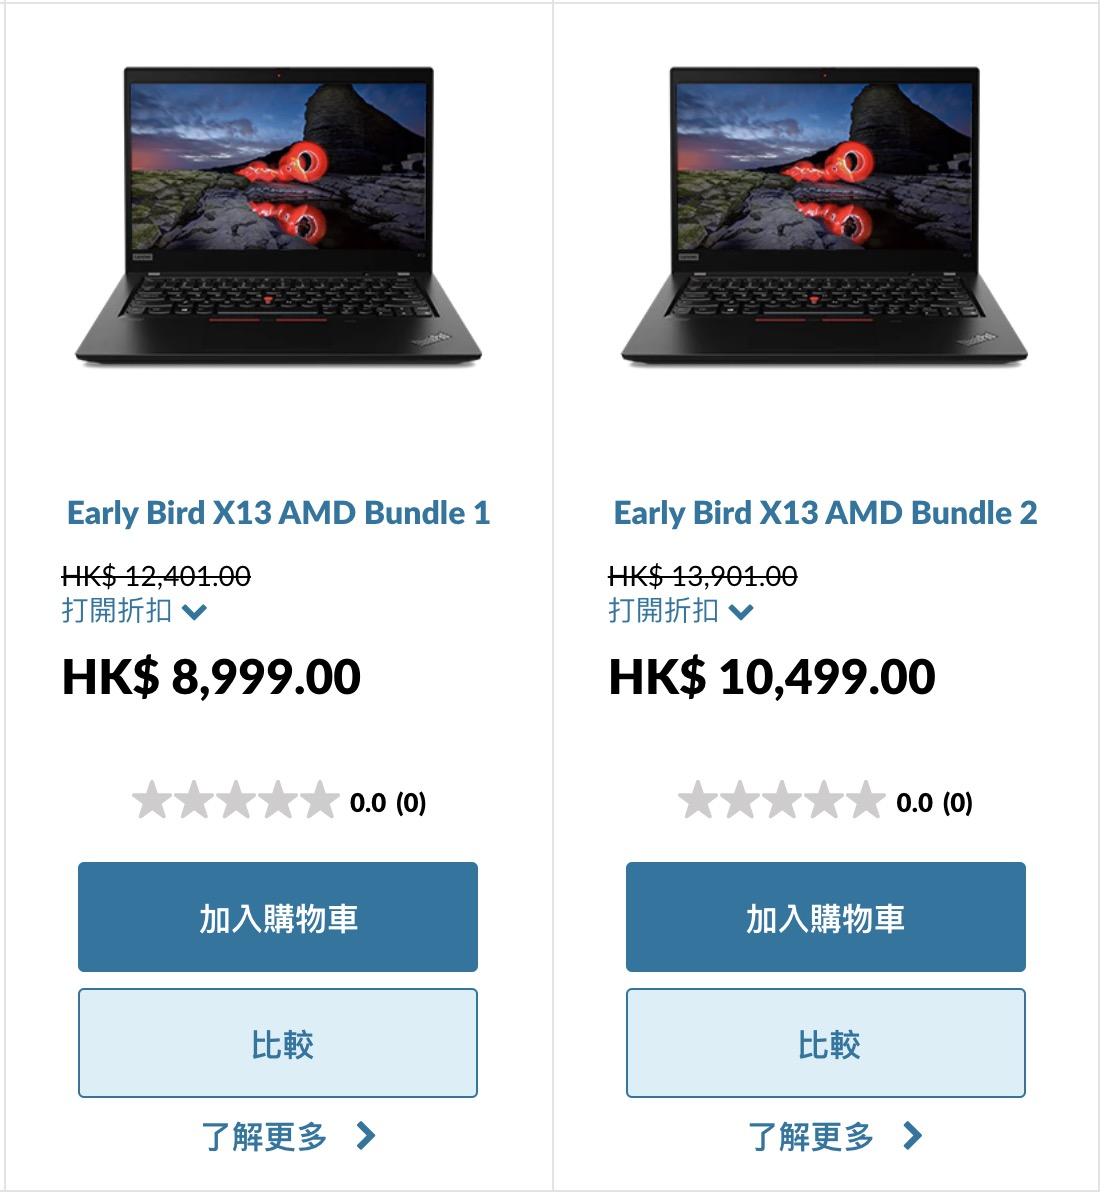 """兩個型號的 ThinkPad X13 AMD 套裝都附有 24"""" 顯示器,折扣達 $3,402 。"""